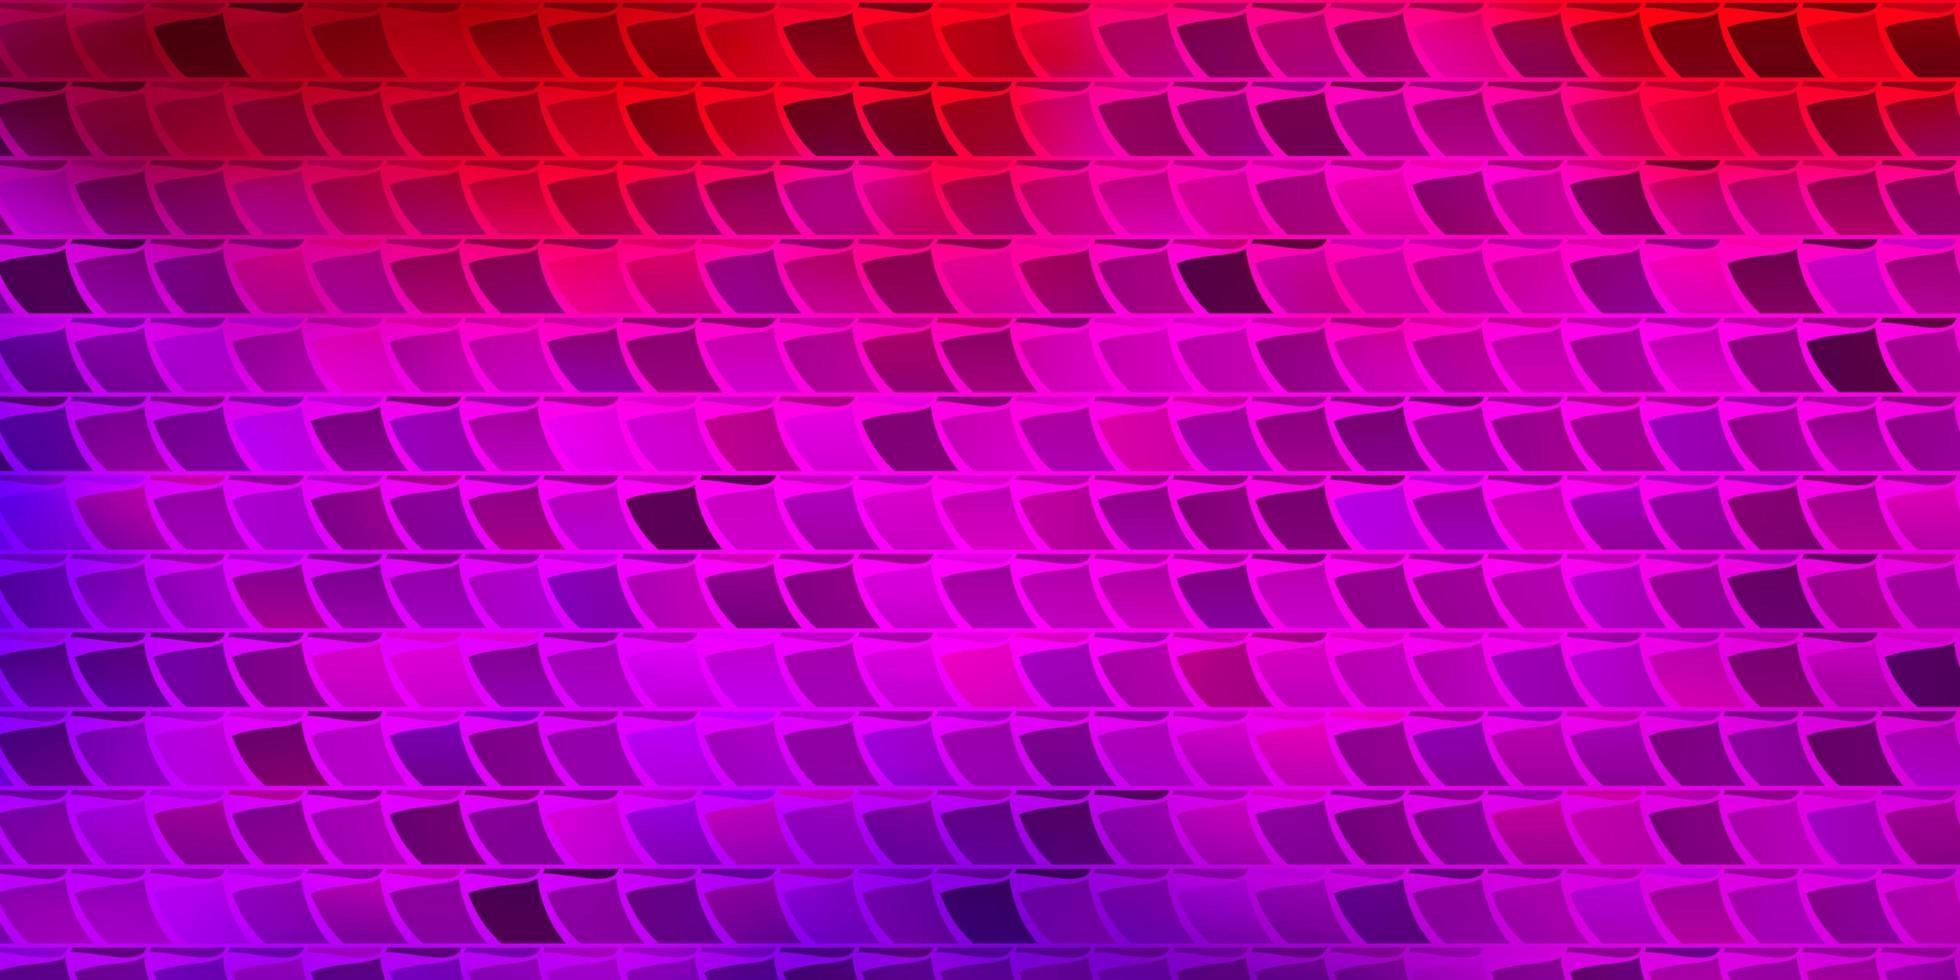 lichtroze, rode vectorachtergrond met rechthoeken. vector